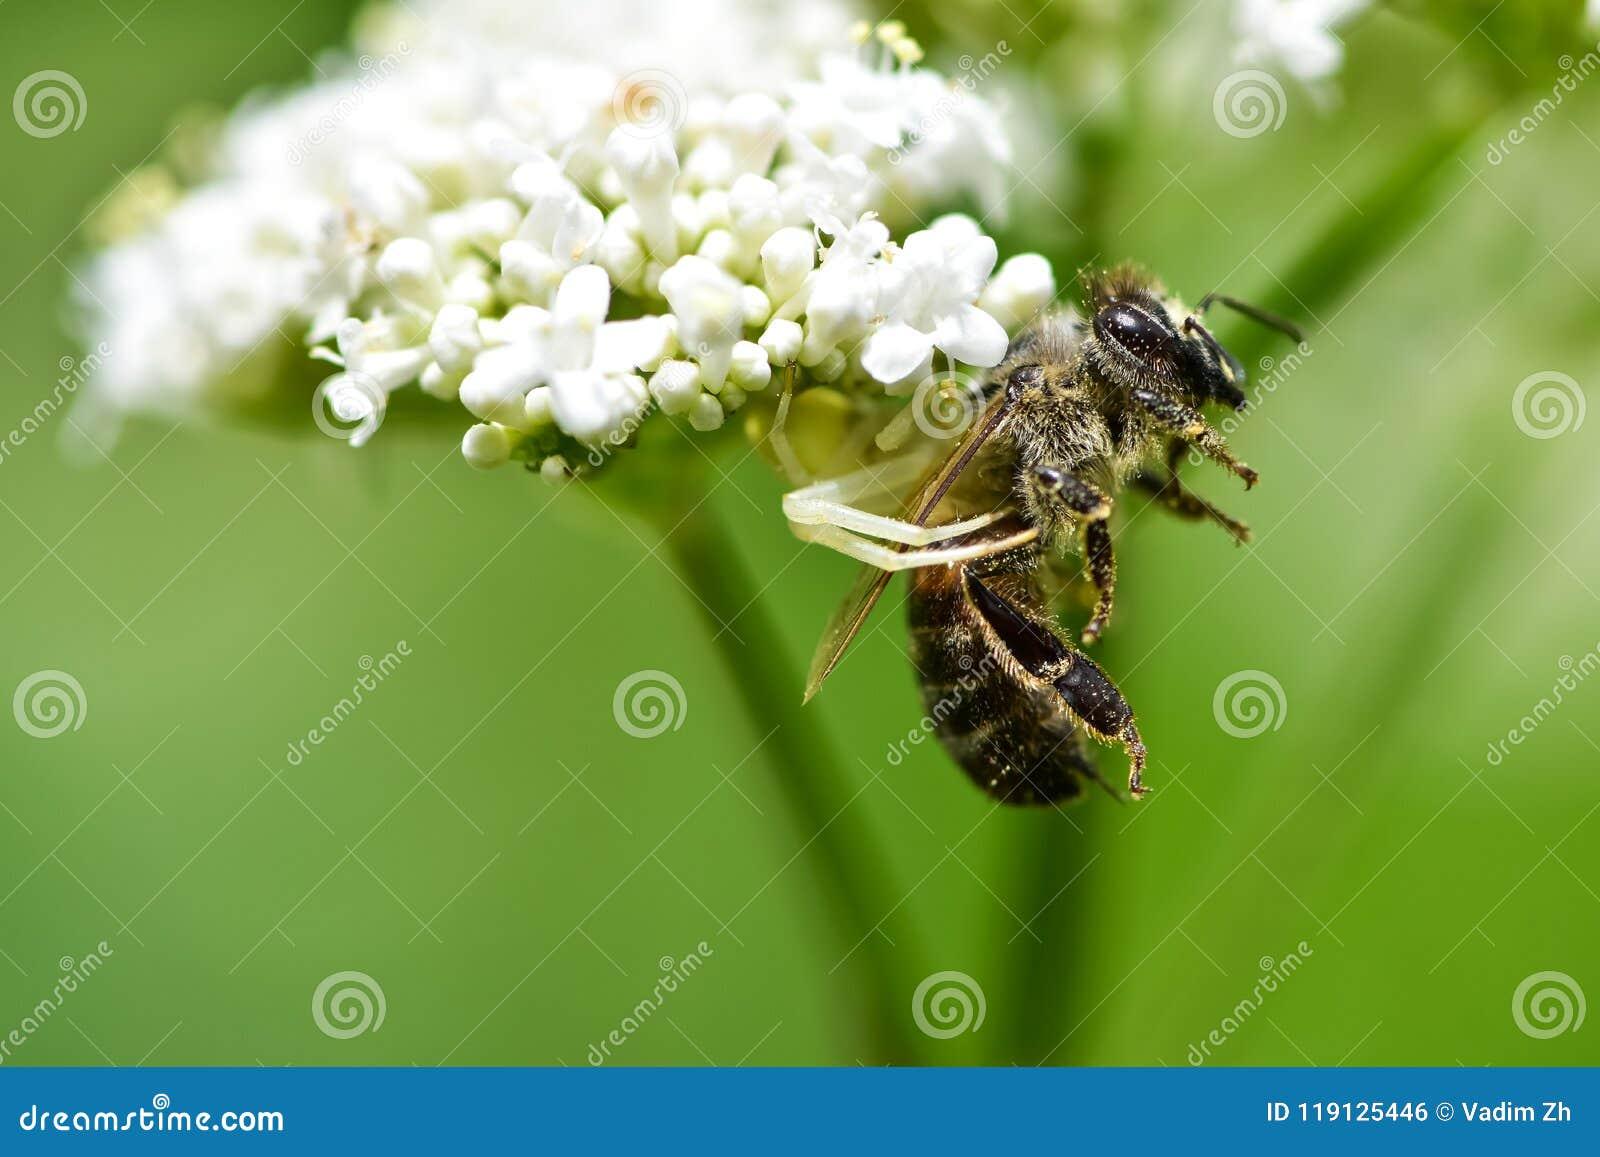 De spin ving zijn bijenprooi